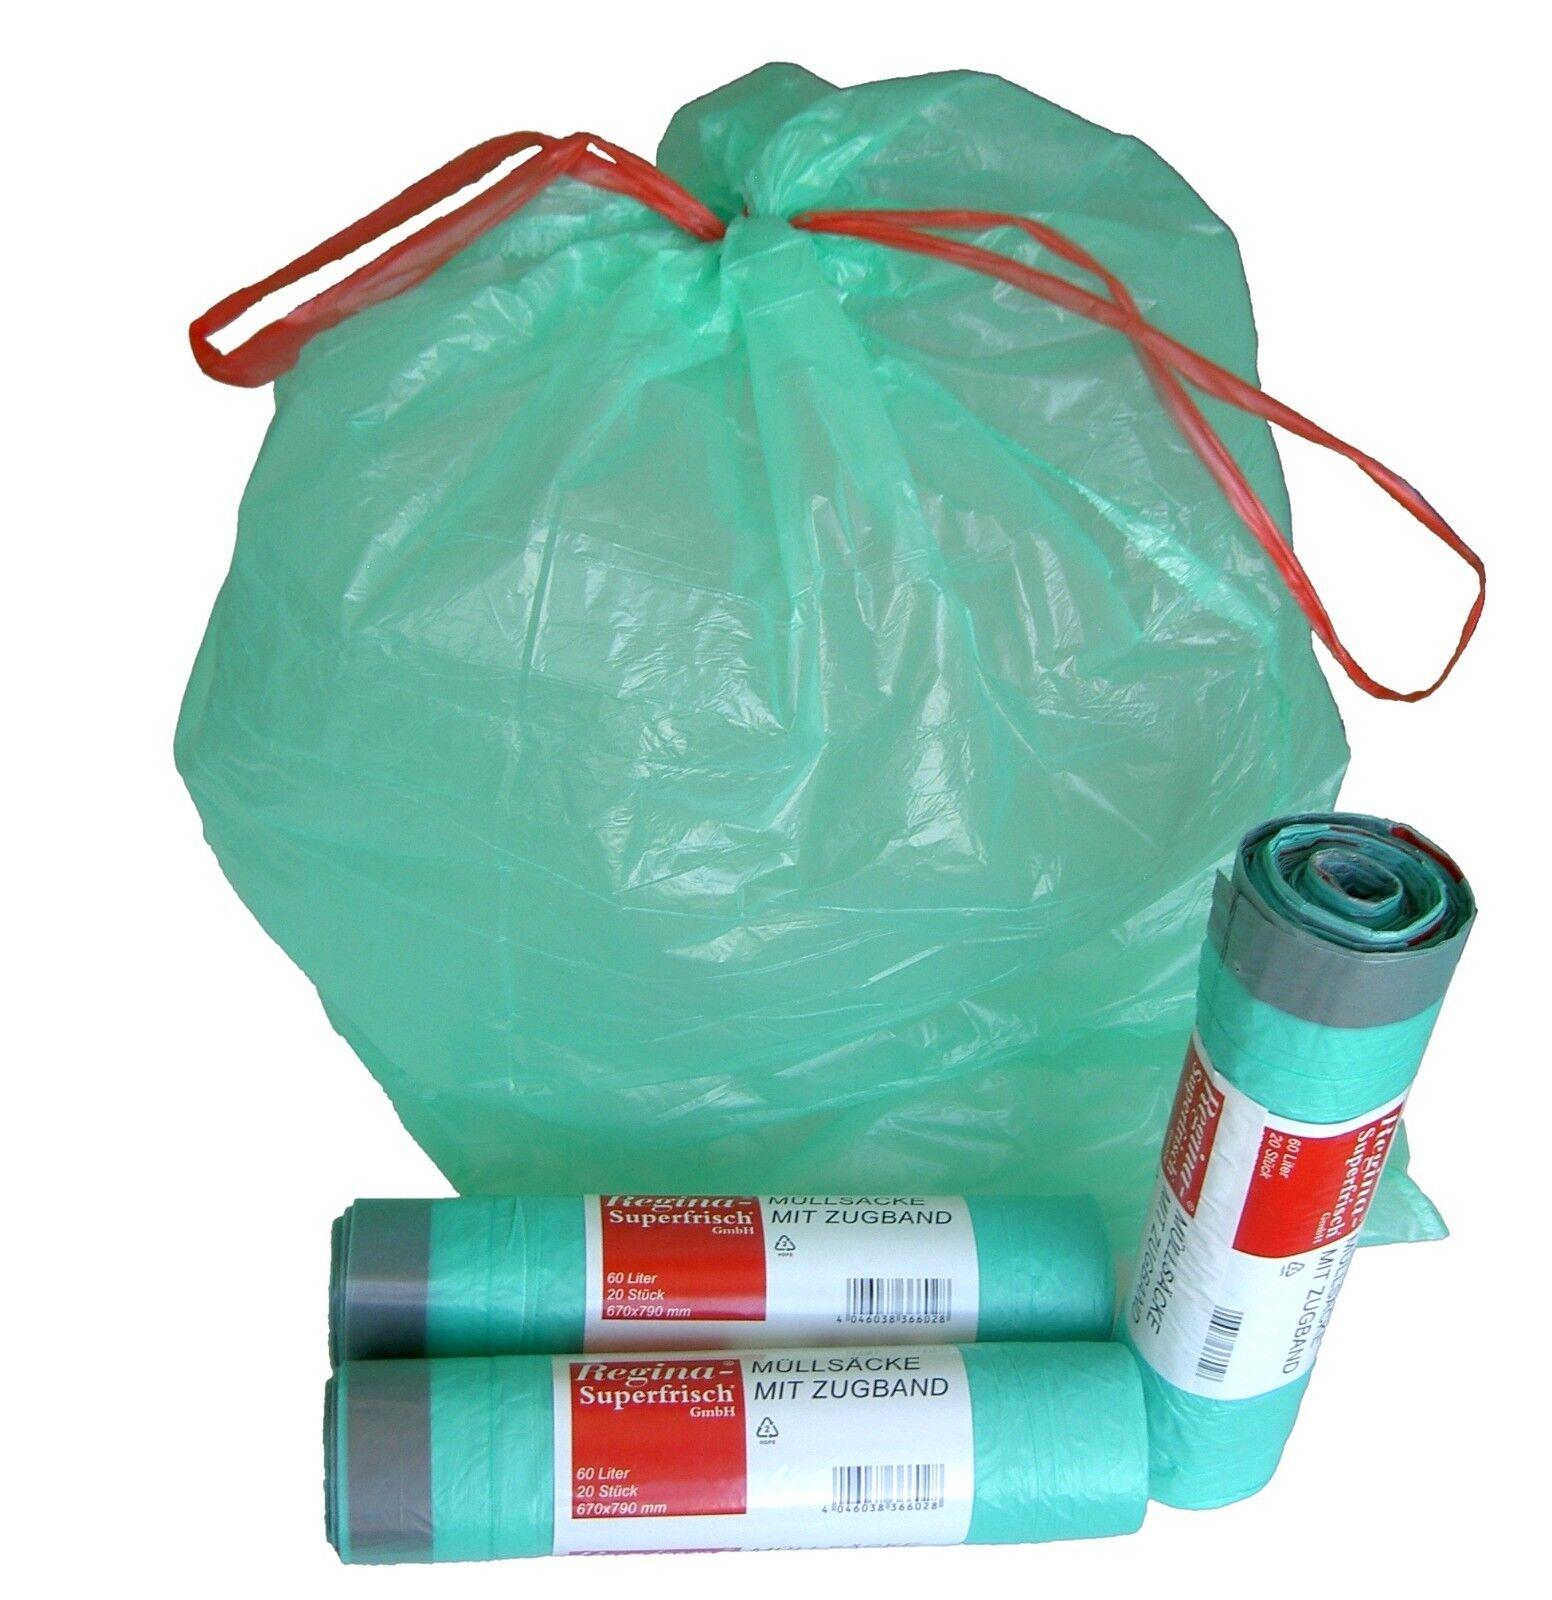 Müllsäcke Müllbeutel Abfallsäcke Abfallbeutel 20-120 L - MENGENRABATT